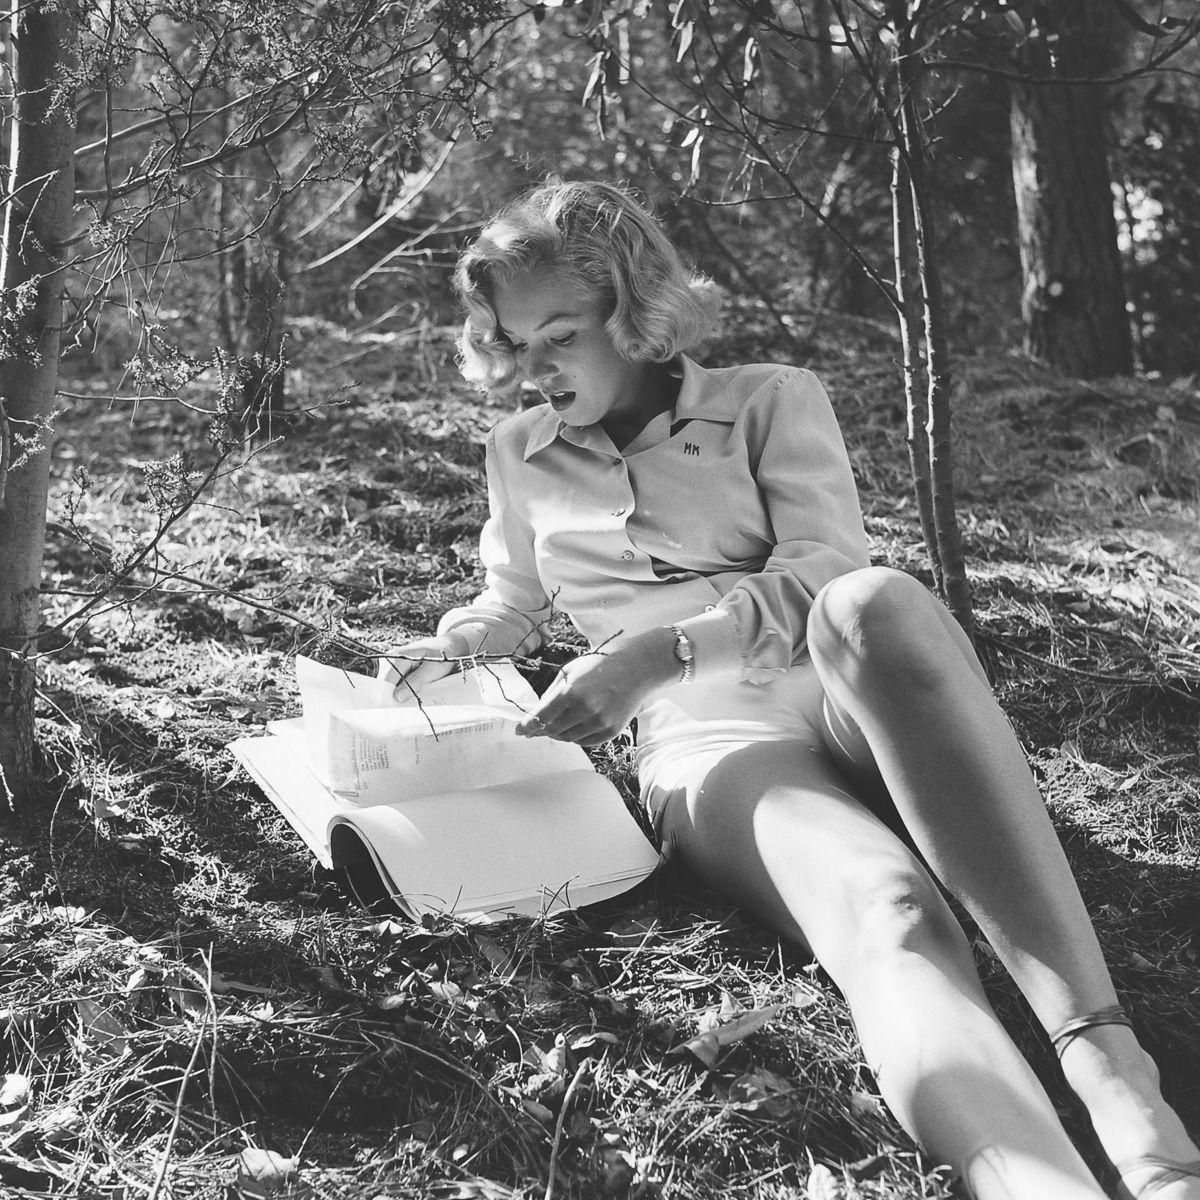 Fotos raras de Marilyn Monroe caminhando no bosque antes de ser famosa 05